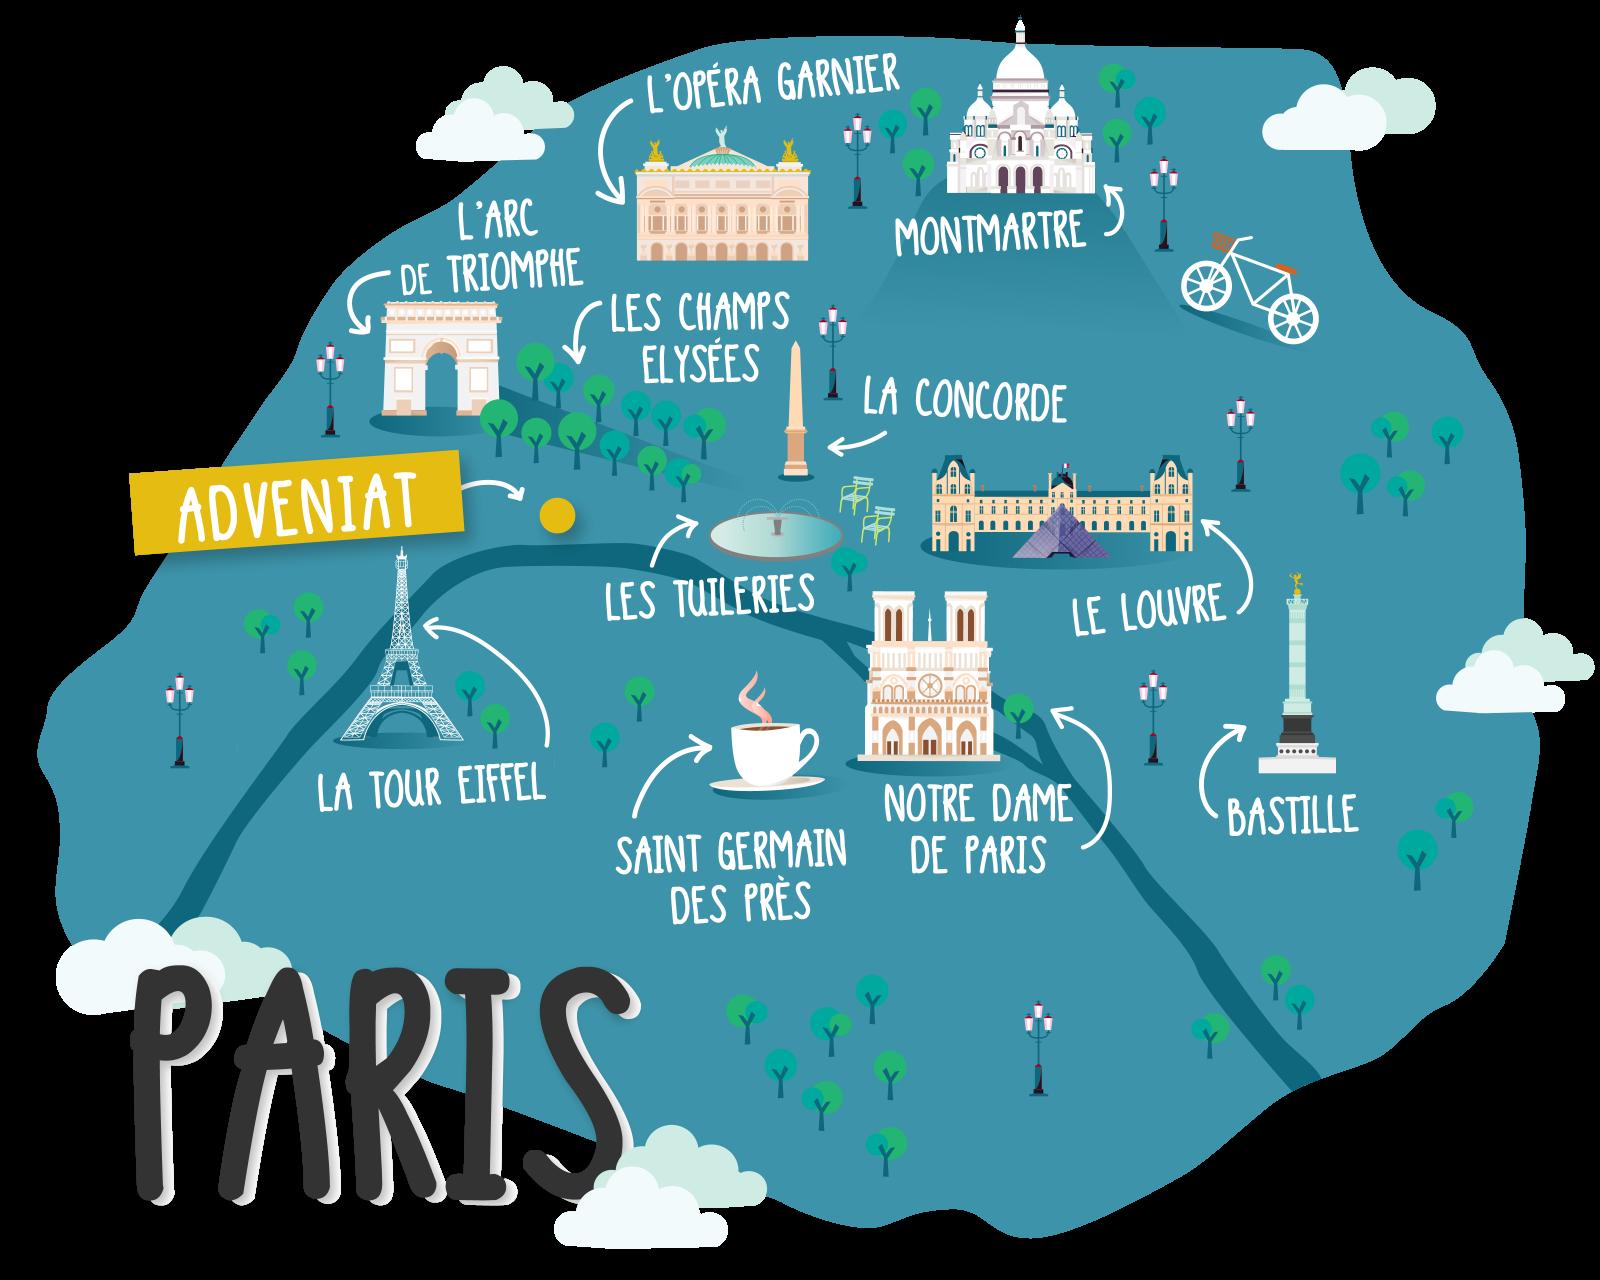 Carte de Paris - Adveniat Auberge de Jeunesse Paris Centre Champs Elysées